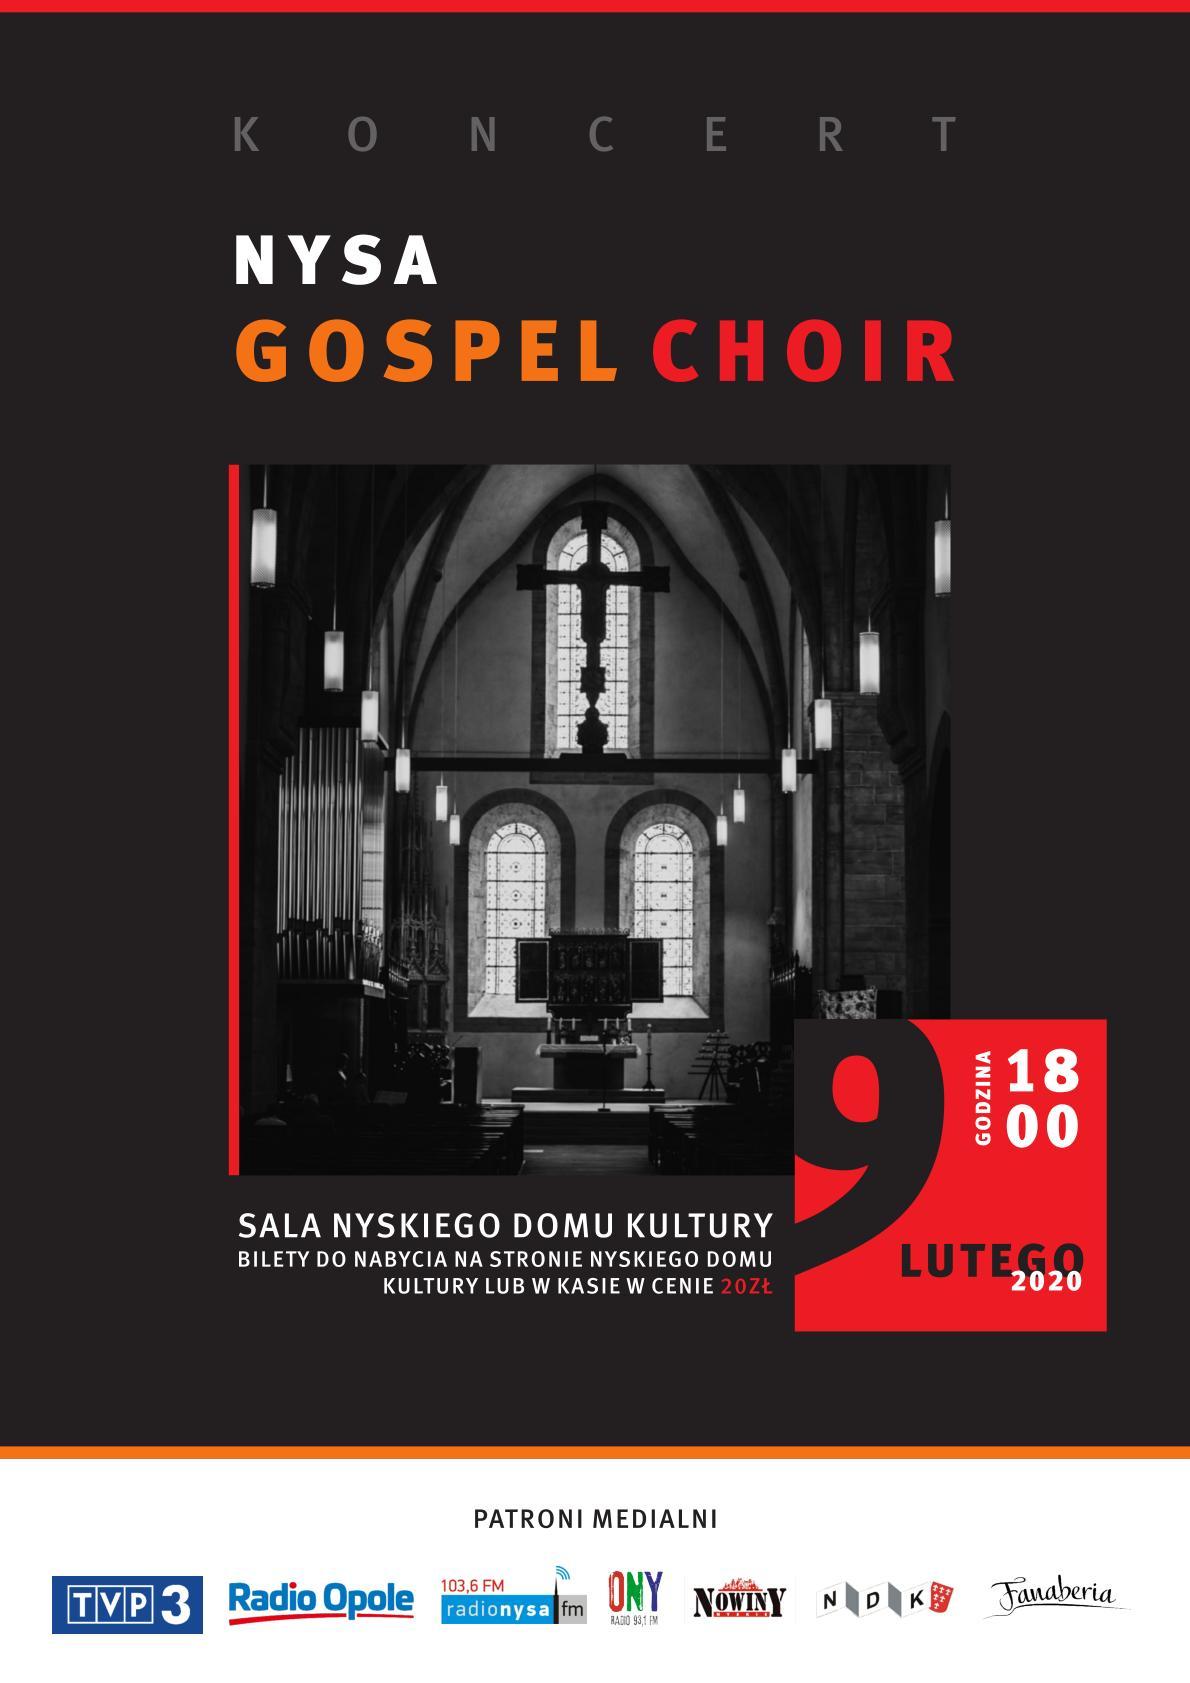 Koncert Nysa Gospel Choir już w niedzielę – poznaj szczegóły! [materiały organizatora]